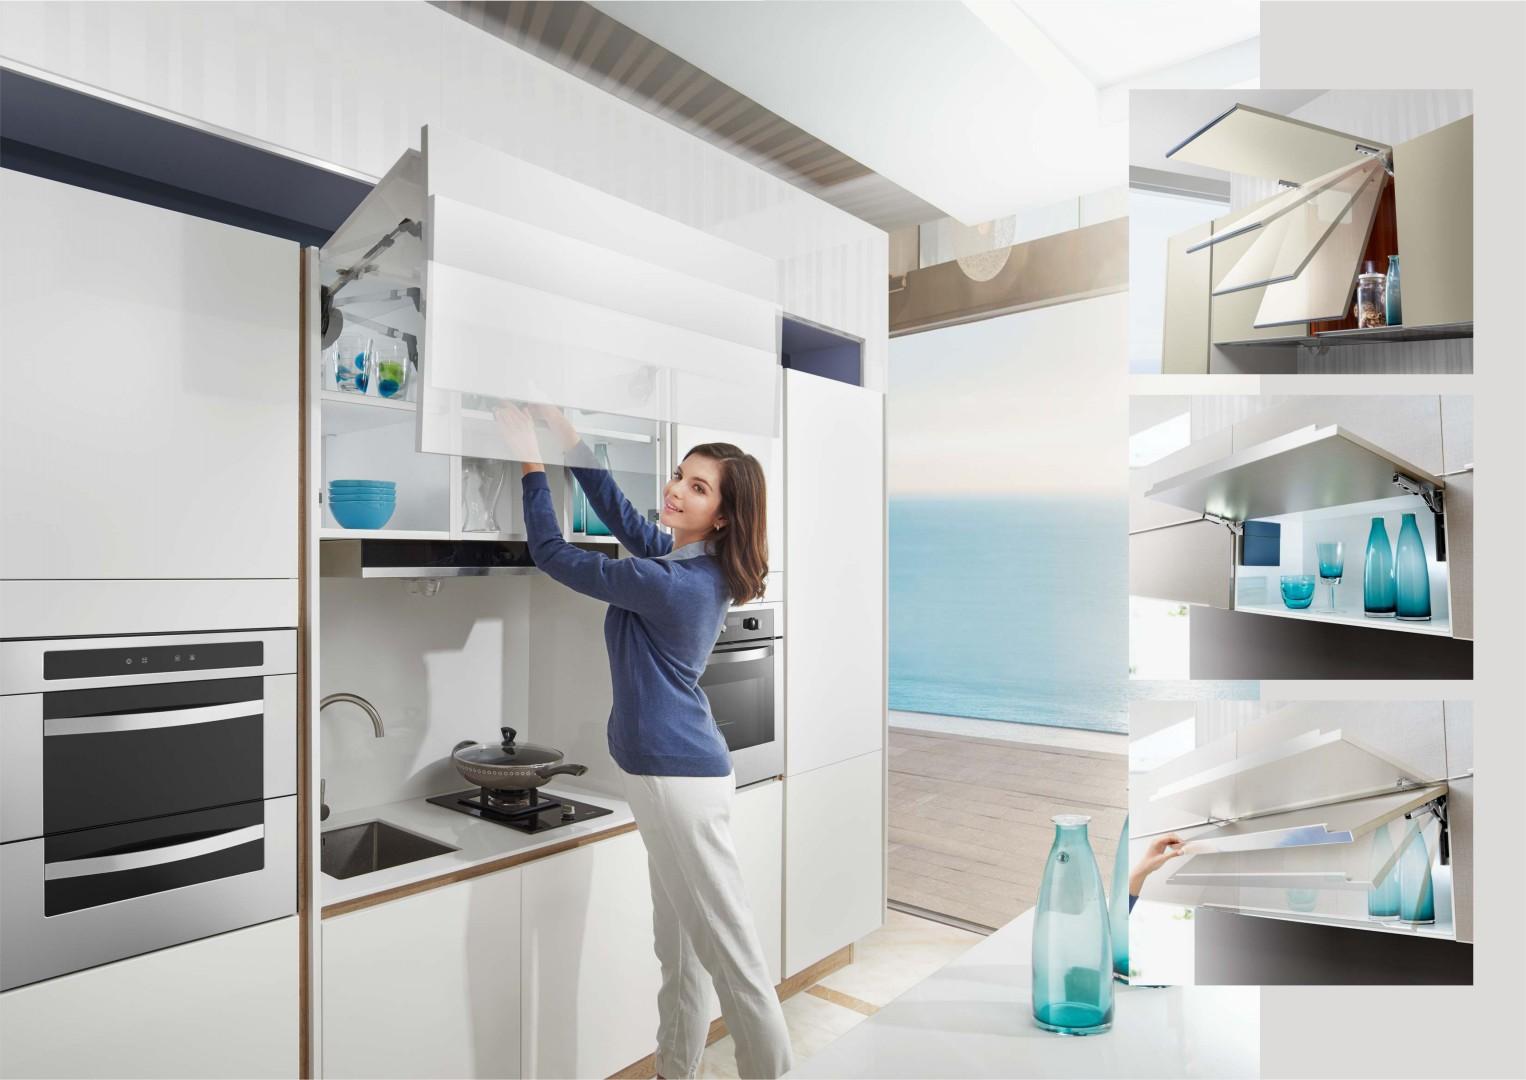 W tej kuchni zastosowano podnośniki do otwierania szafek górnych z oferty firmy Amix. Fot. Amix